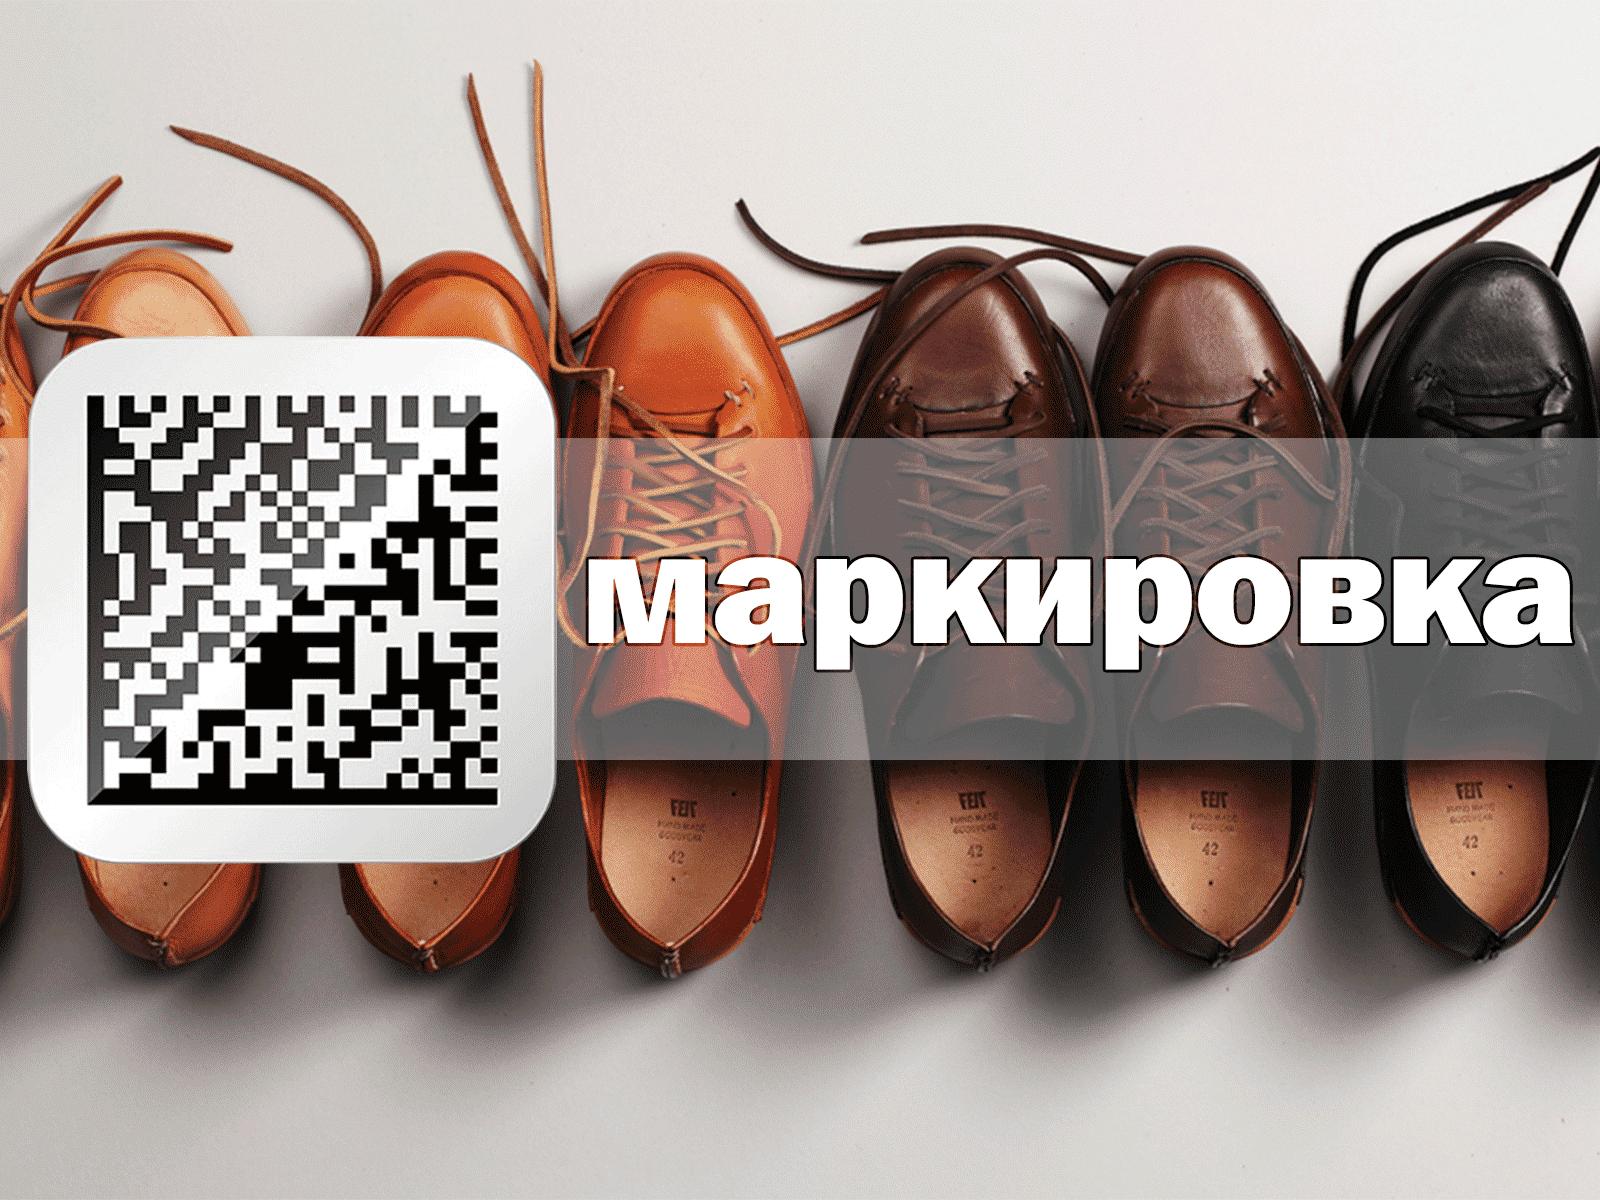 Как без проблем получить коды маркировки обуви